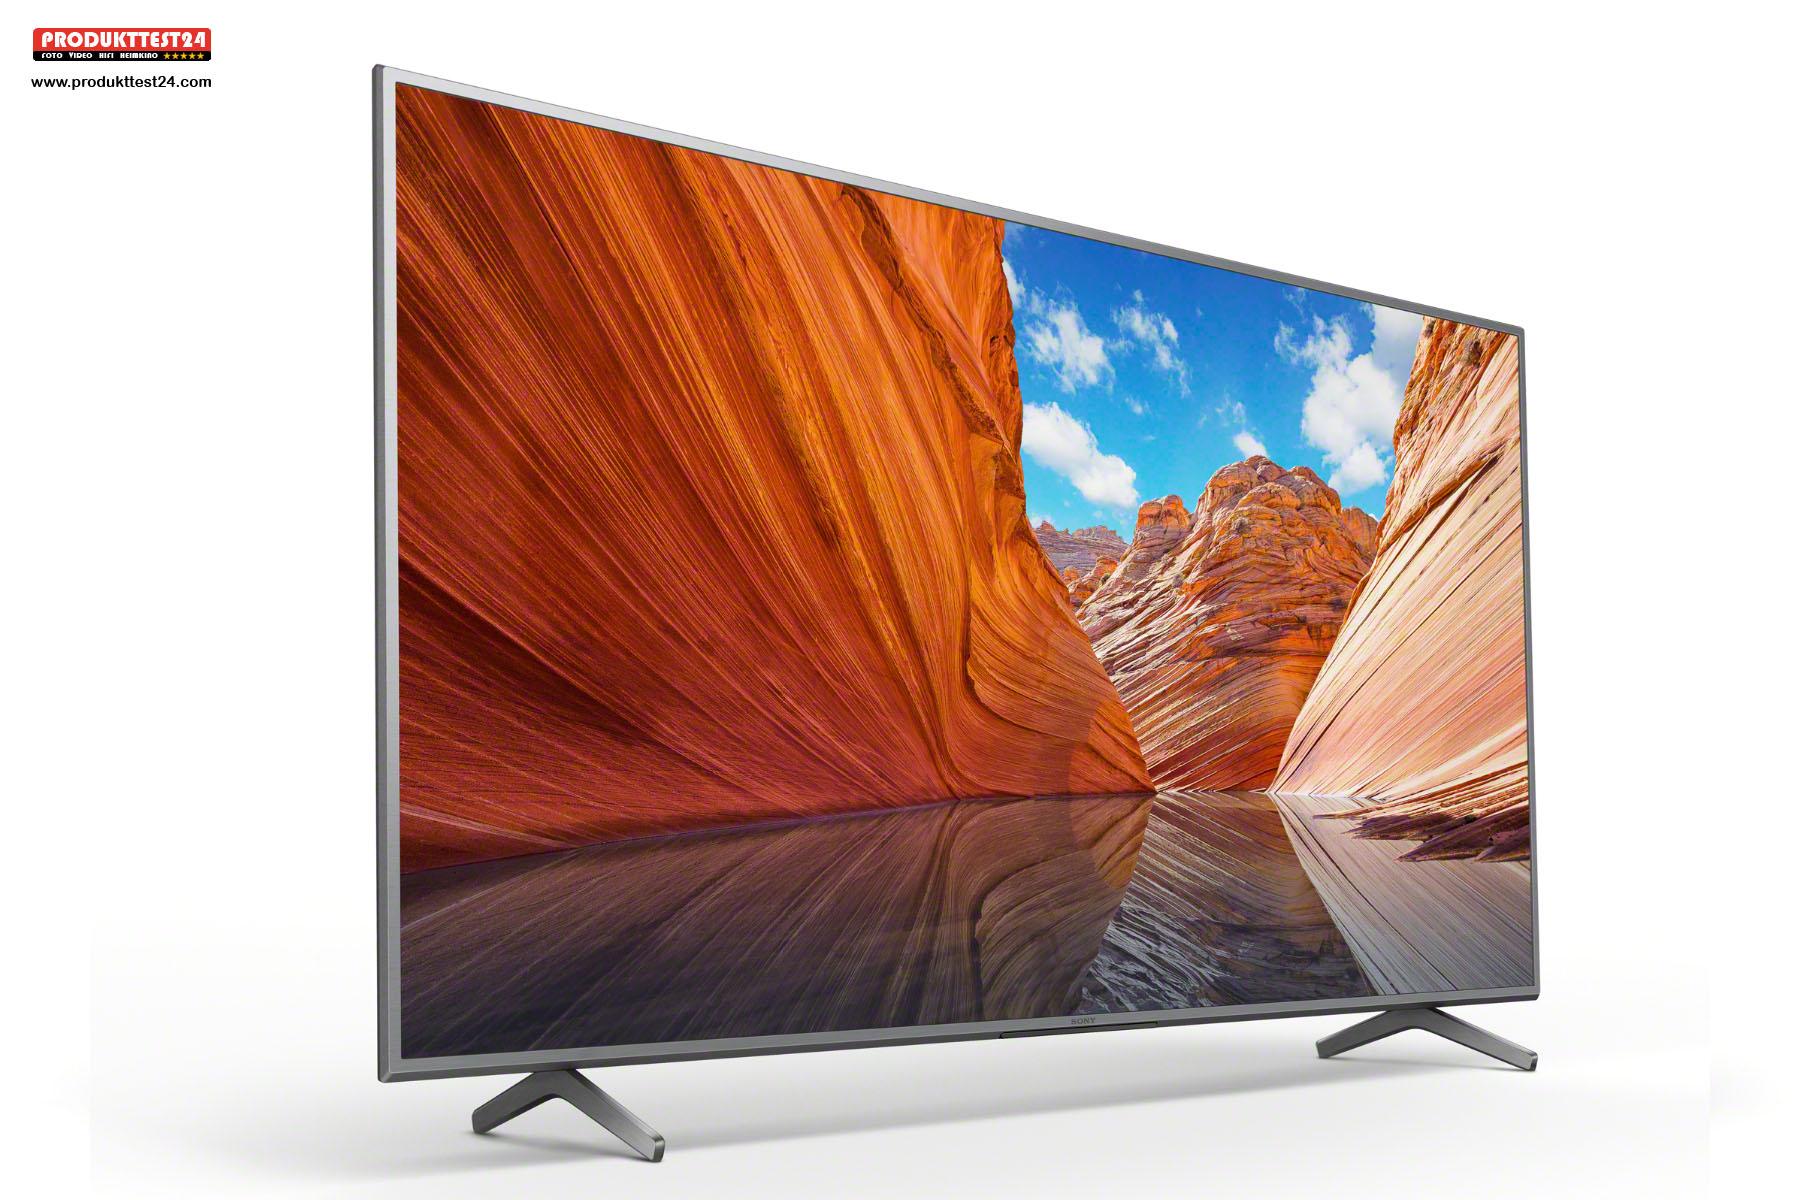 Sony BRAVIA KD-43X80J- Der günstigste 4K-Fernseher von Sony